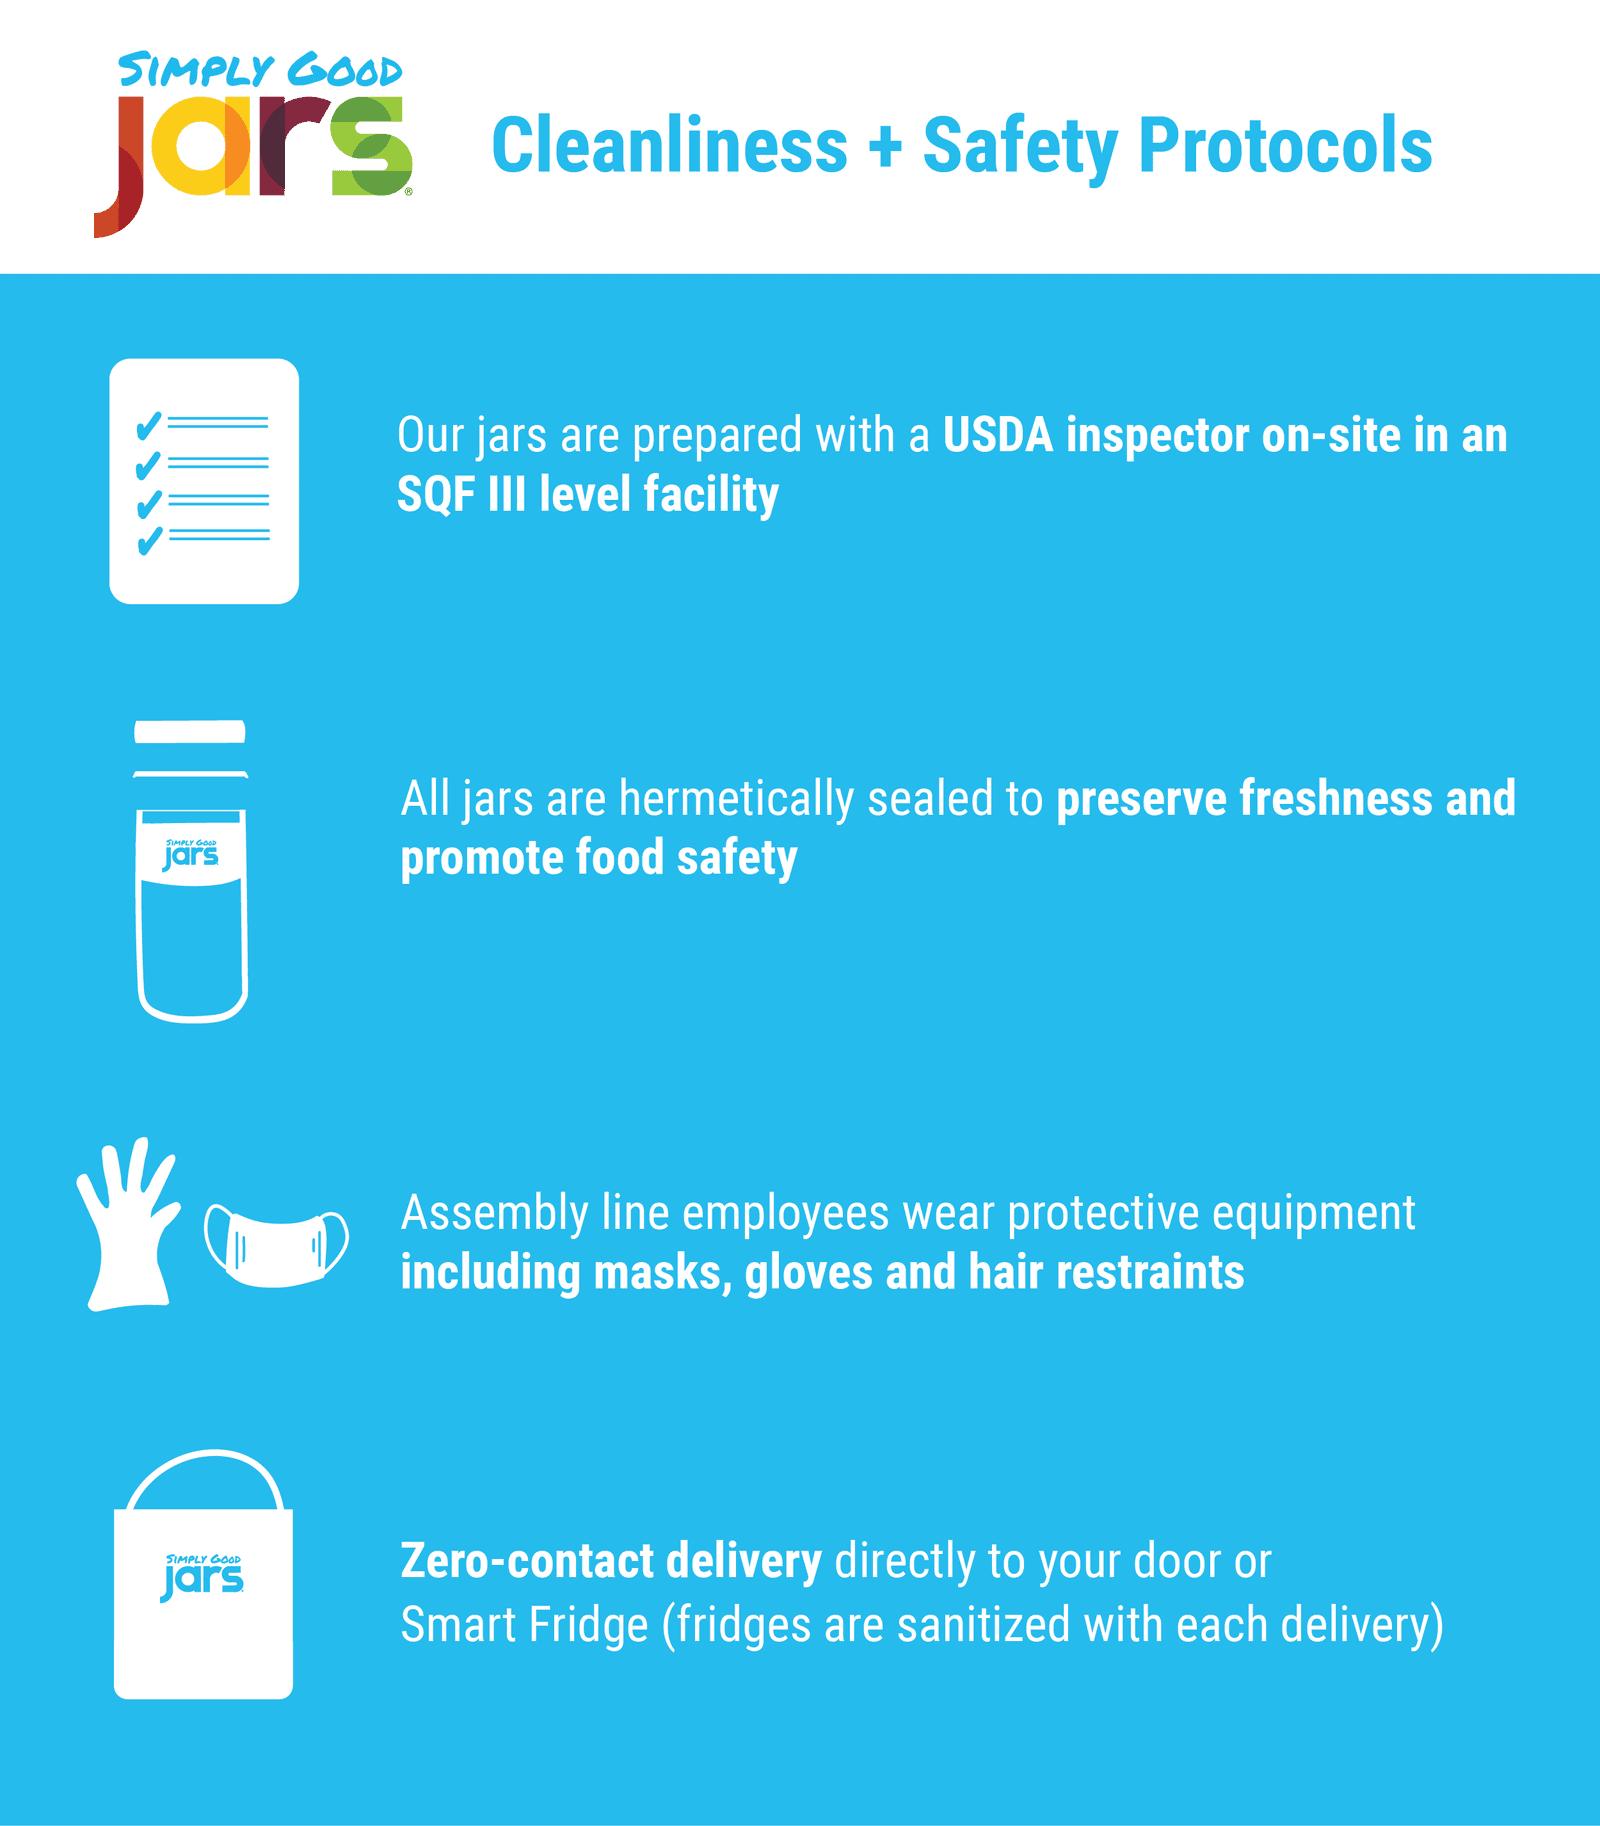 SGJ Health + Safety Standards